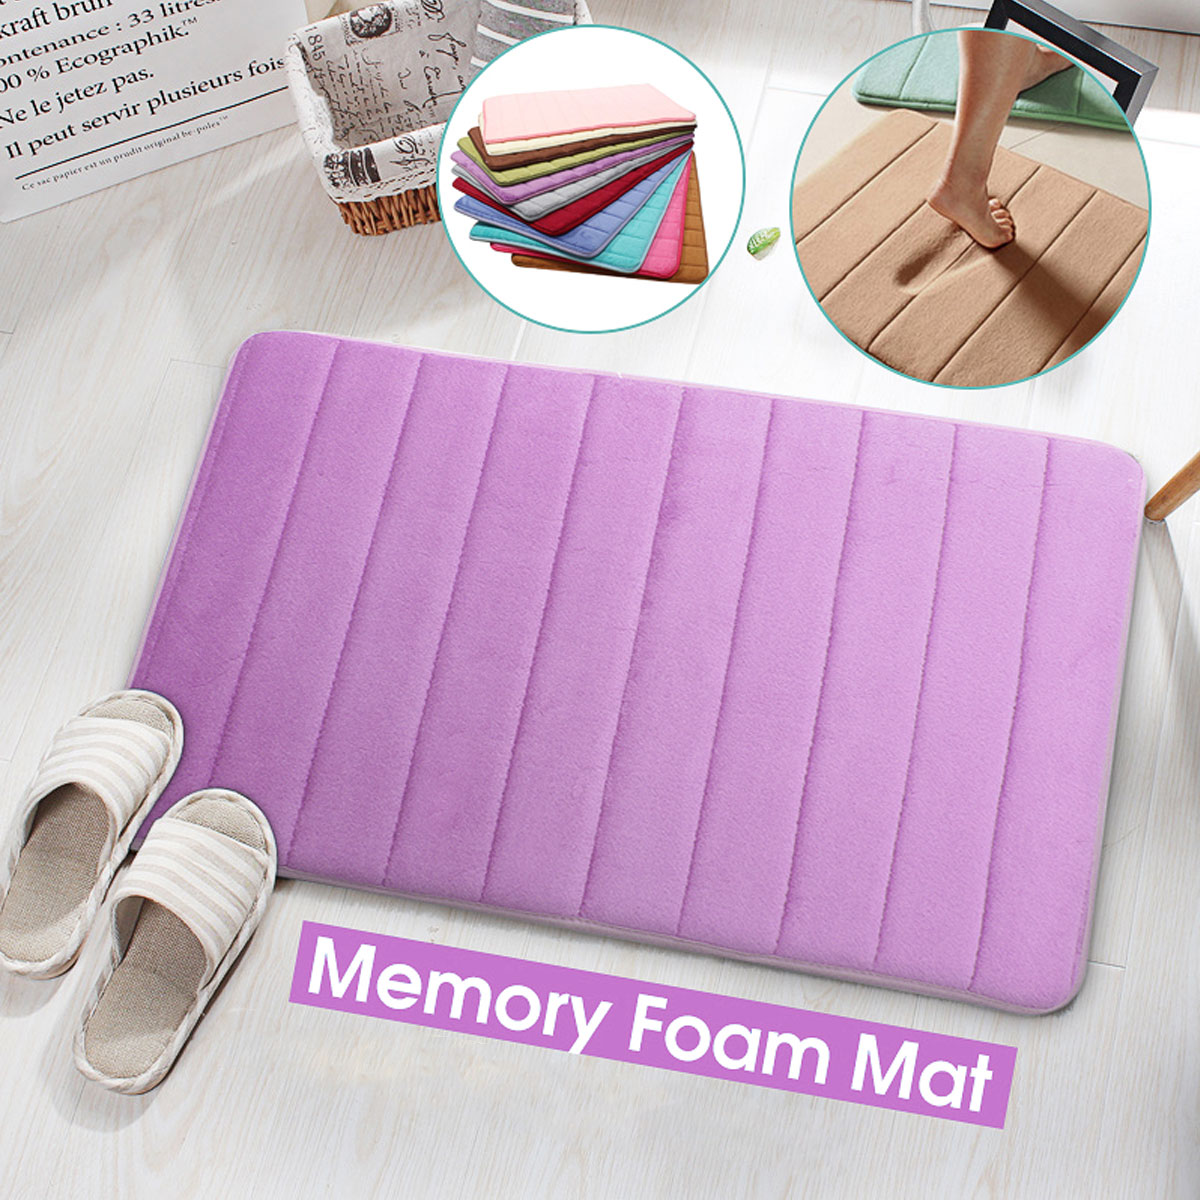 """20""""x30"""" Absorbent Memory Foam Mat Slip-resistant Pad Bathroom Shower Bath Mats Bedroom Kitchen Doormat Carpet"""